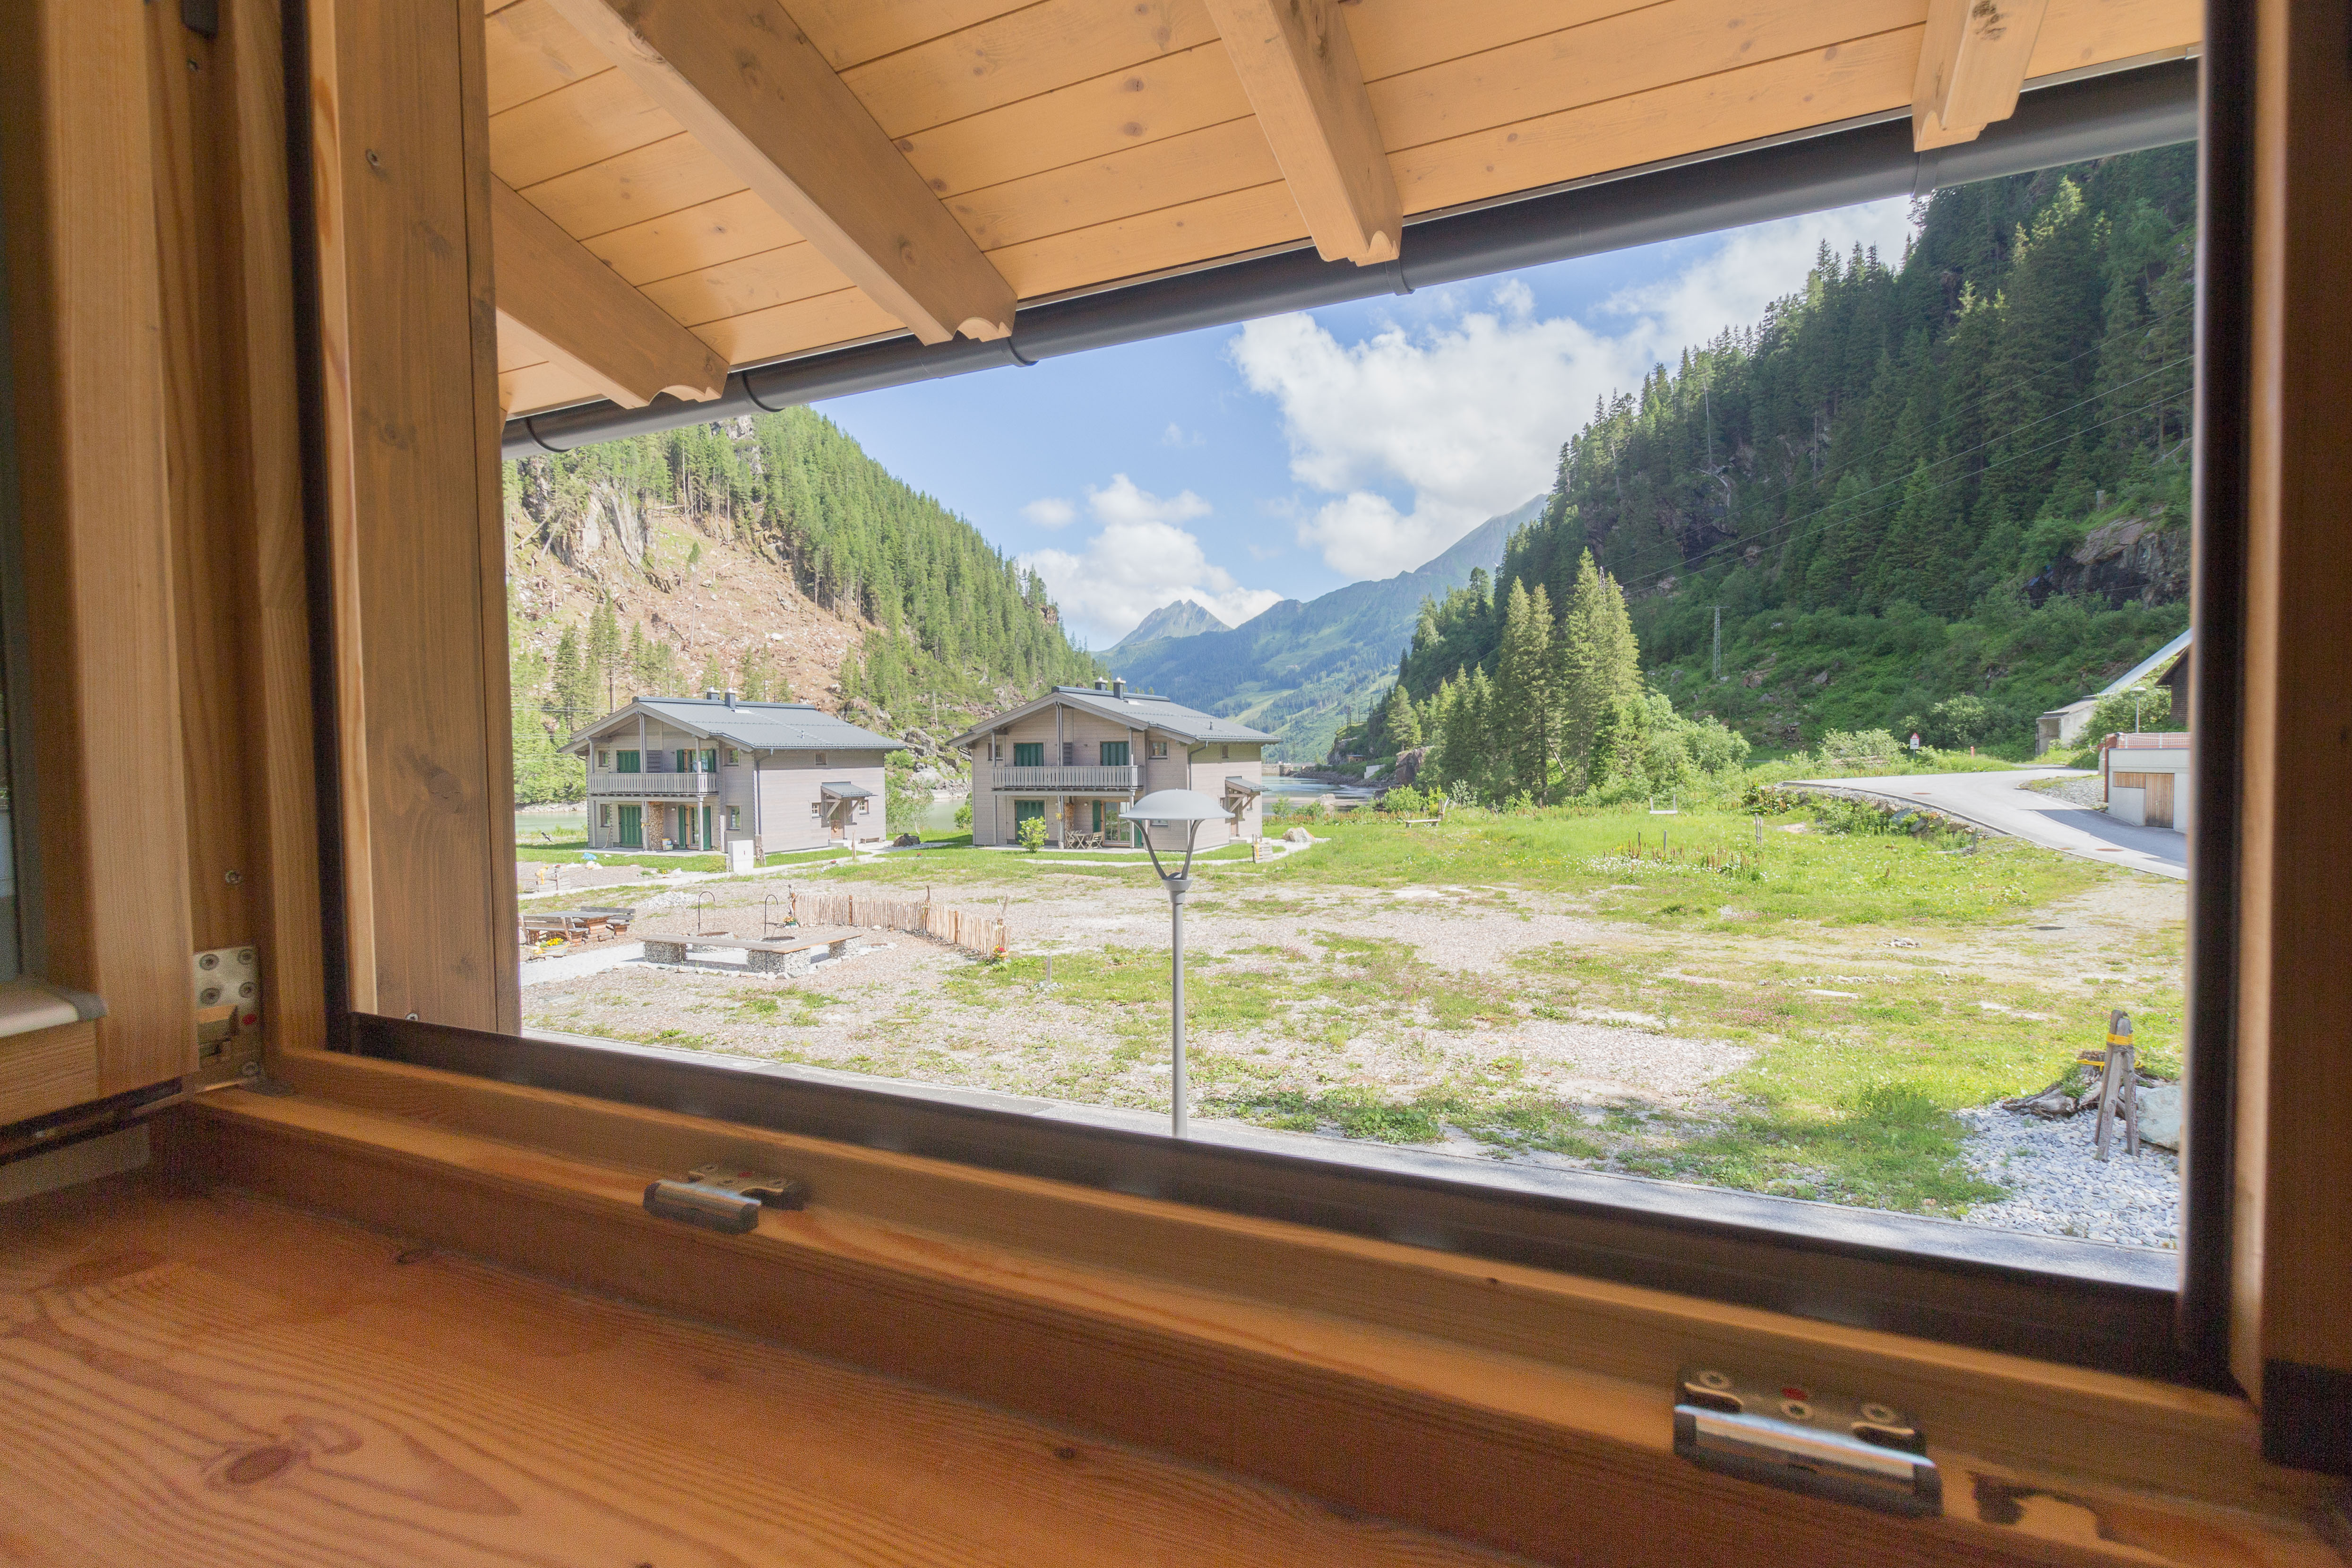 Maison de vacances Lodge Enzian direkt am Skilift (2050396), Uttendorf, Pinzgau, Salzbourg, Autriche, image 26